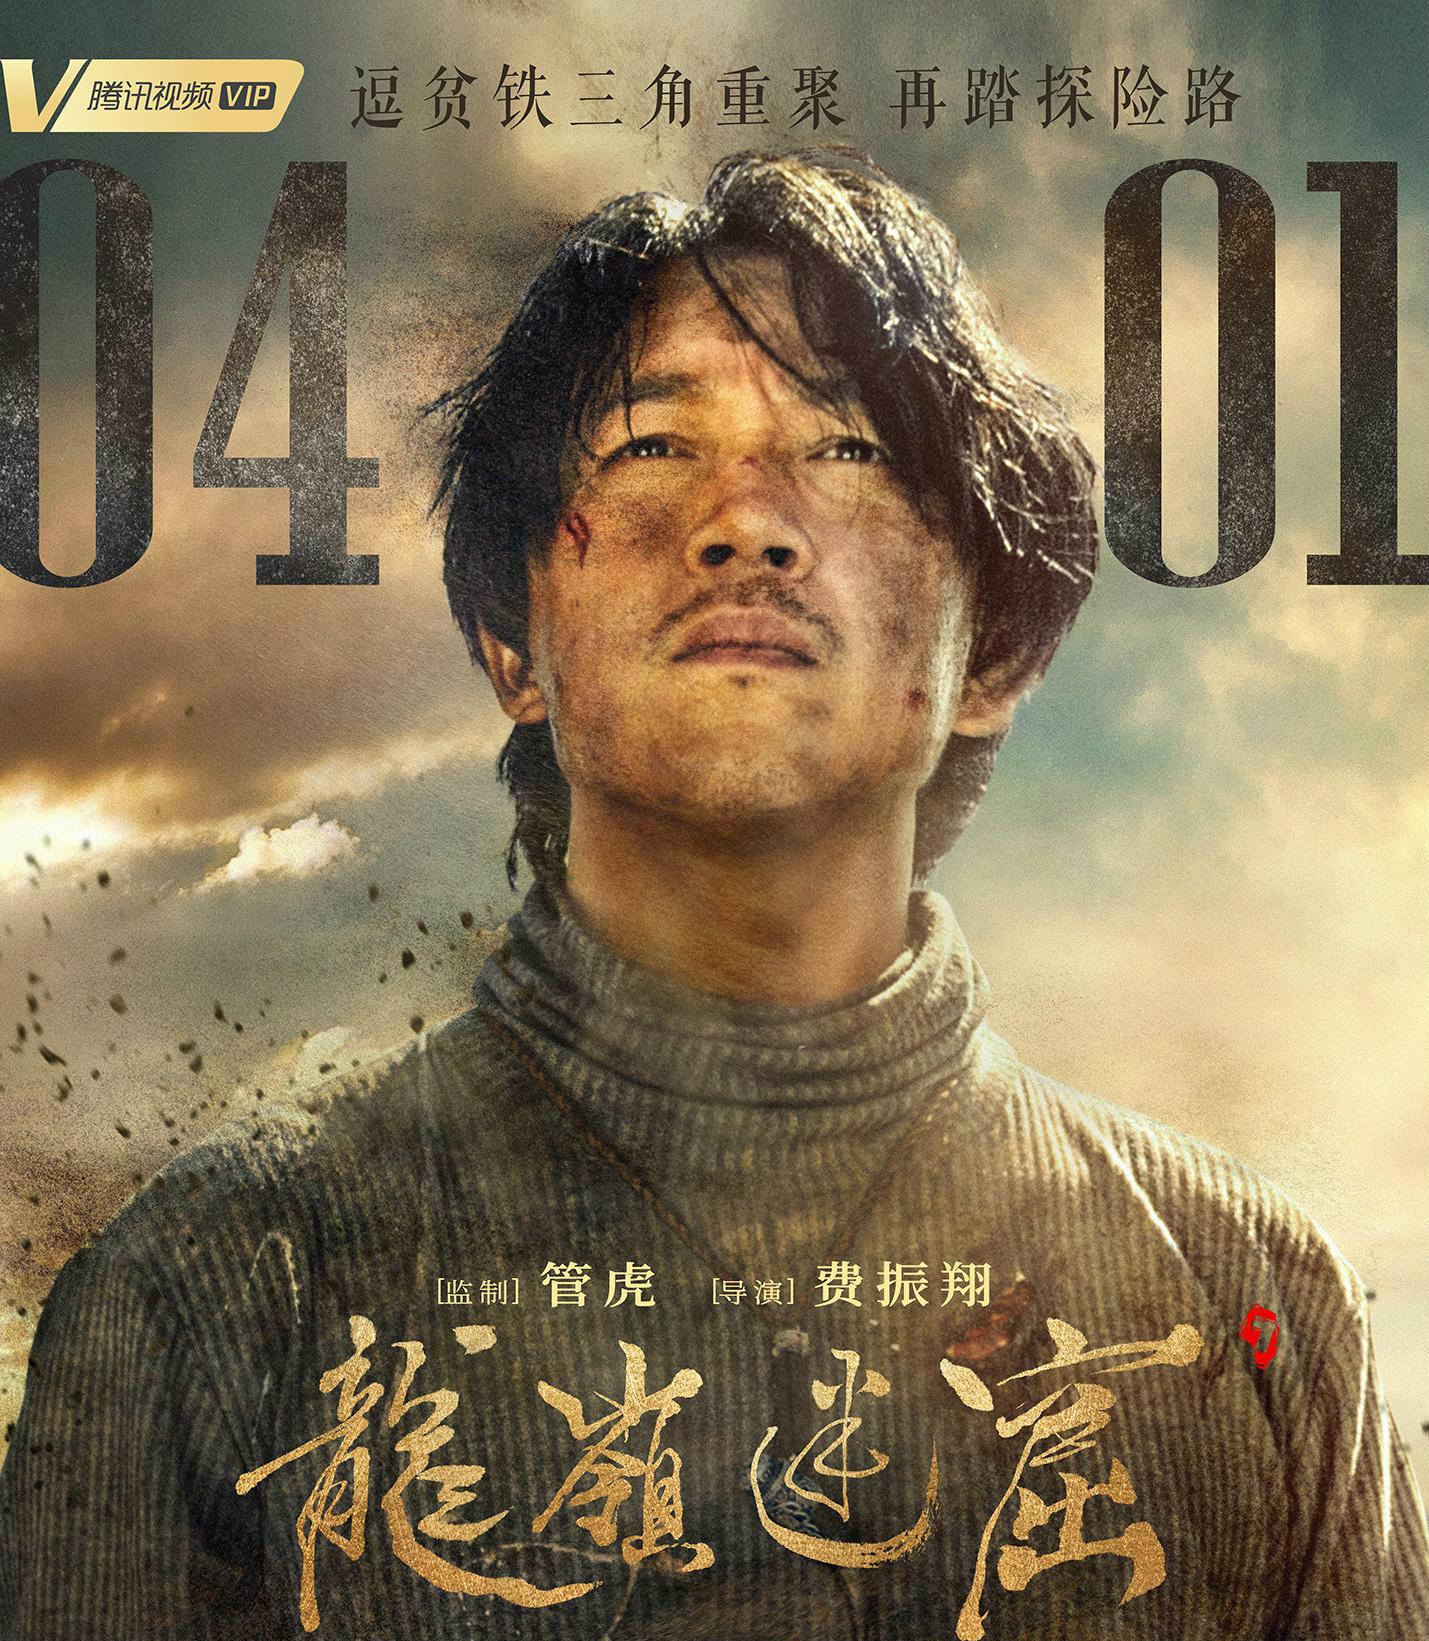 电视剧《龙岭迷窟》全集迅雷下载高清1080中字国语